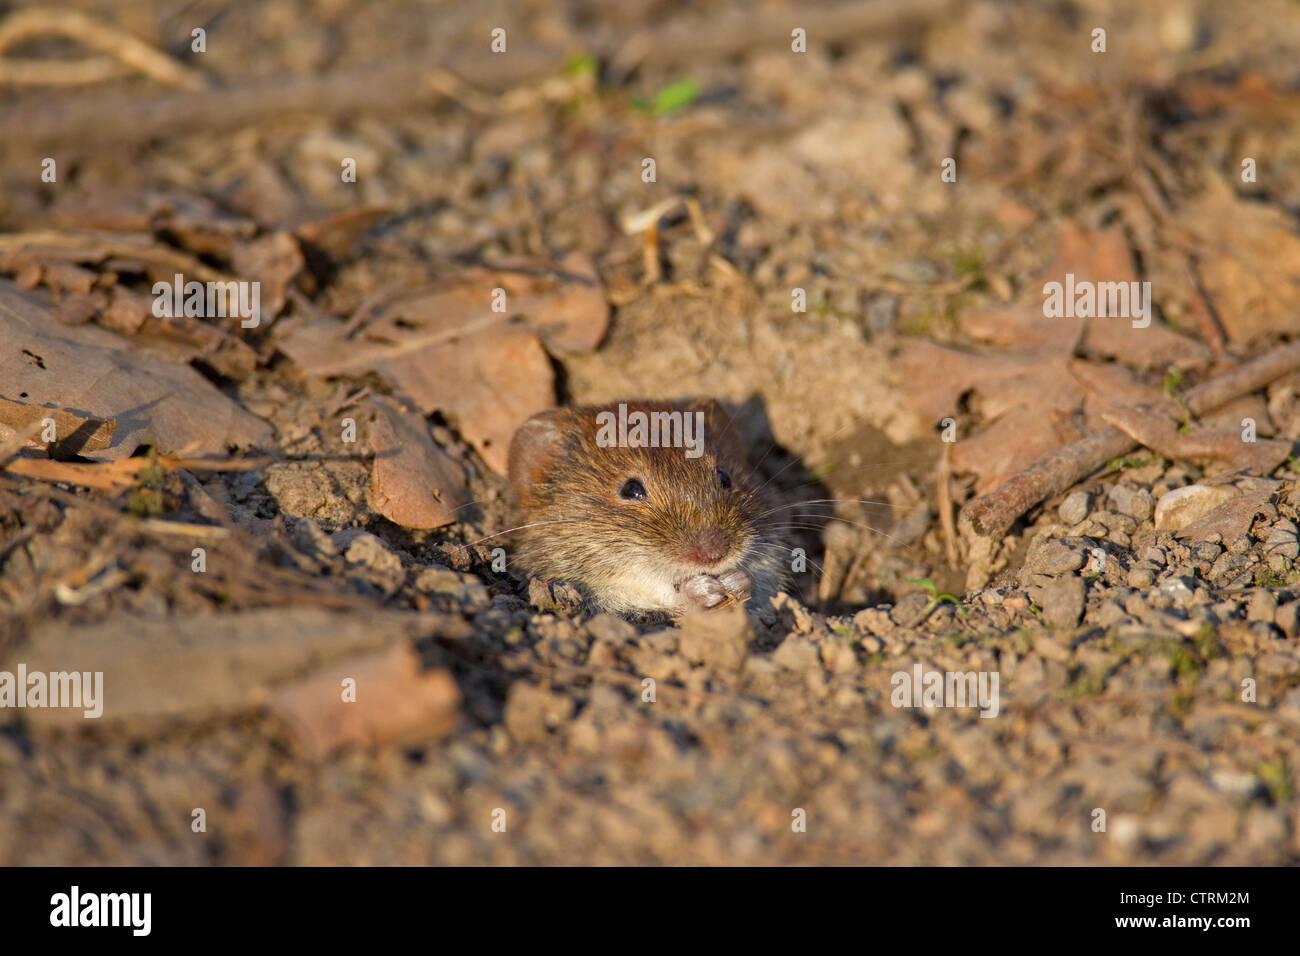 Bank vole (Myodes glareolus / Clethrionomys glareolus) leaving burrow, Germany - Stock Image